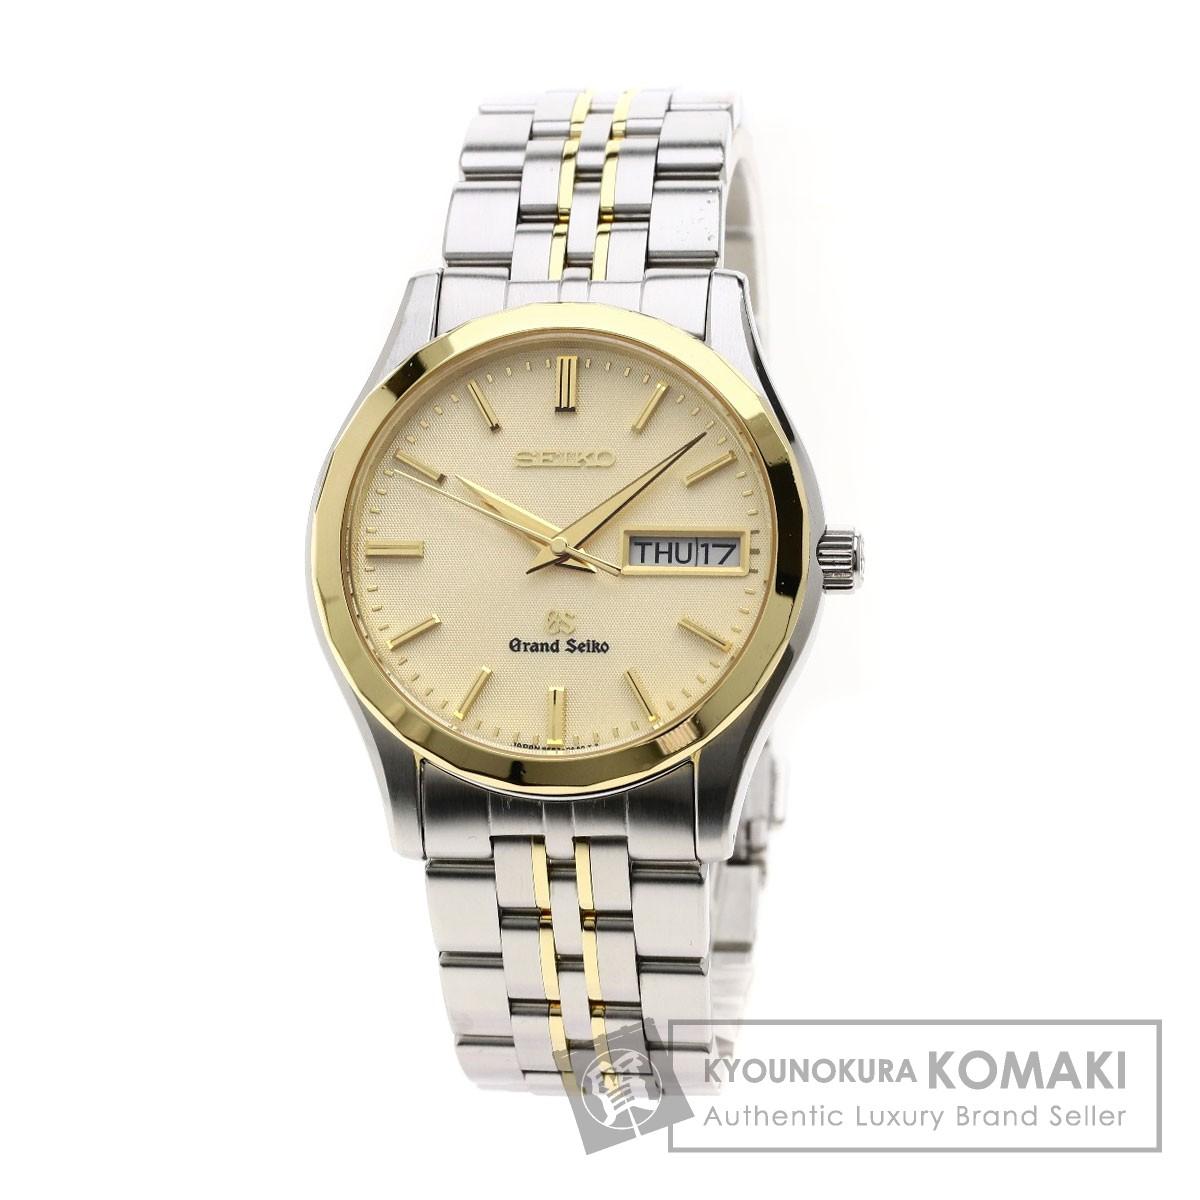 SEIKO SBGT014 9F83-0AA0 グランドセイコー/コンビ 腕時計 ステンレススチール/YG メンズ 【中古】【セイコー】